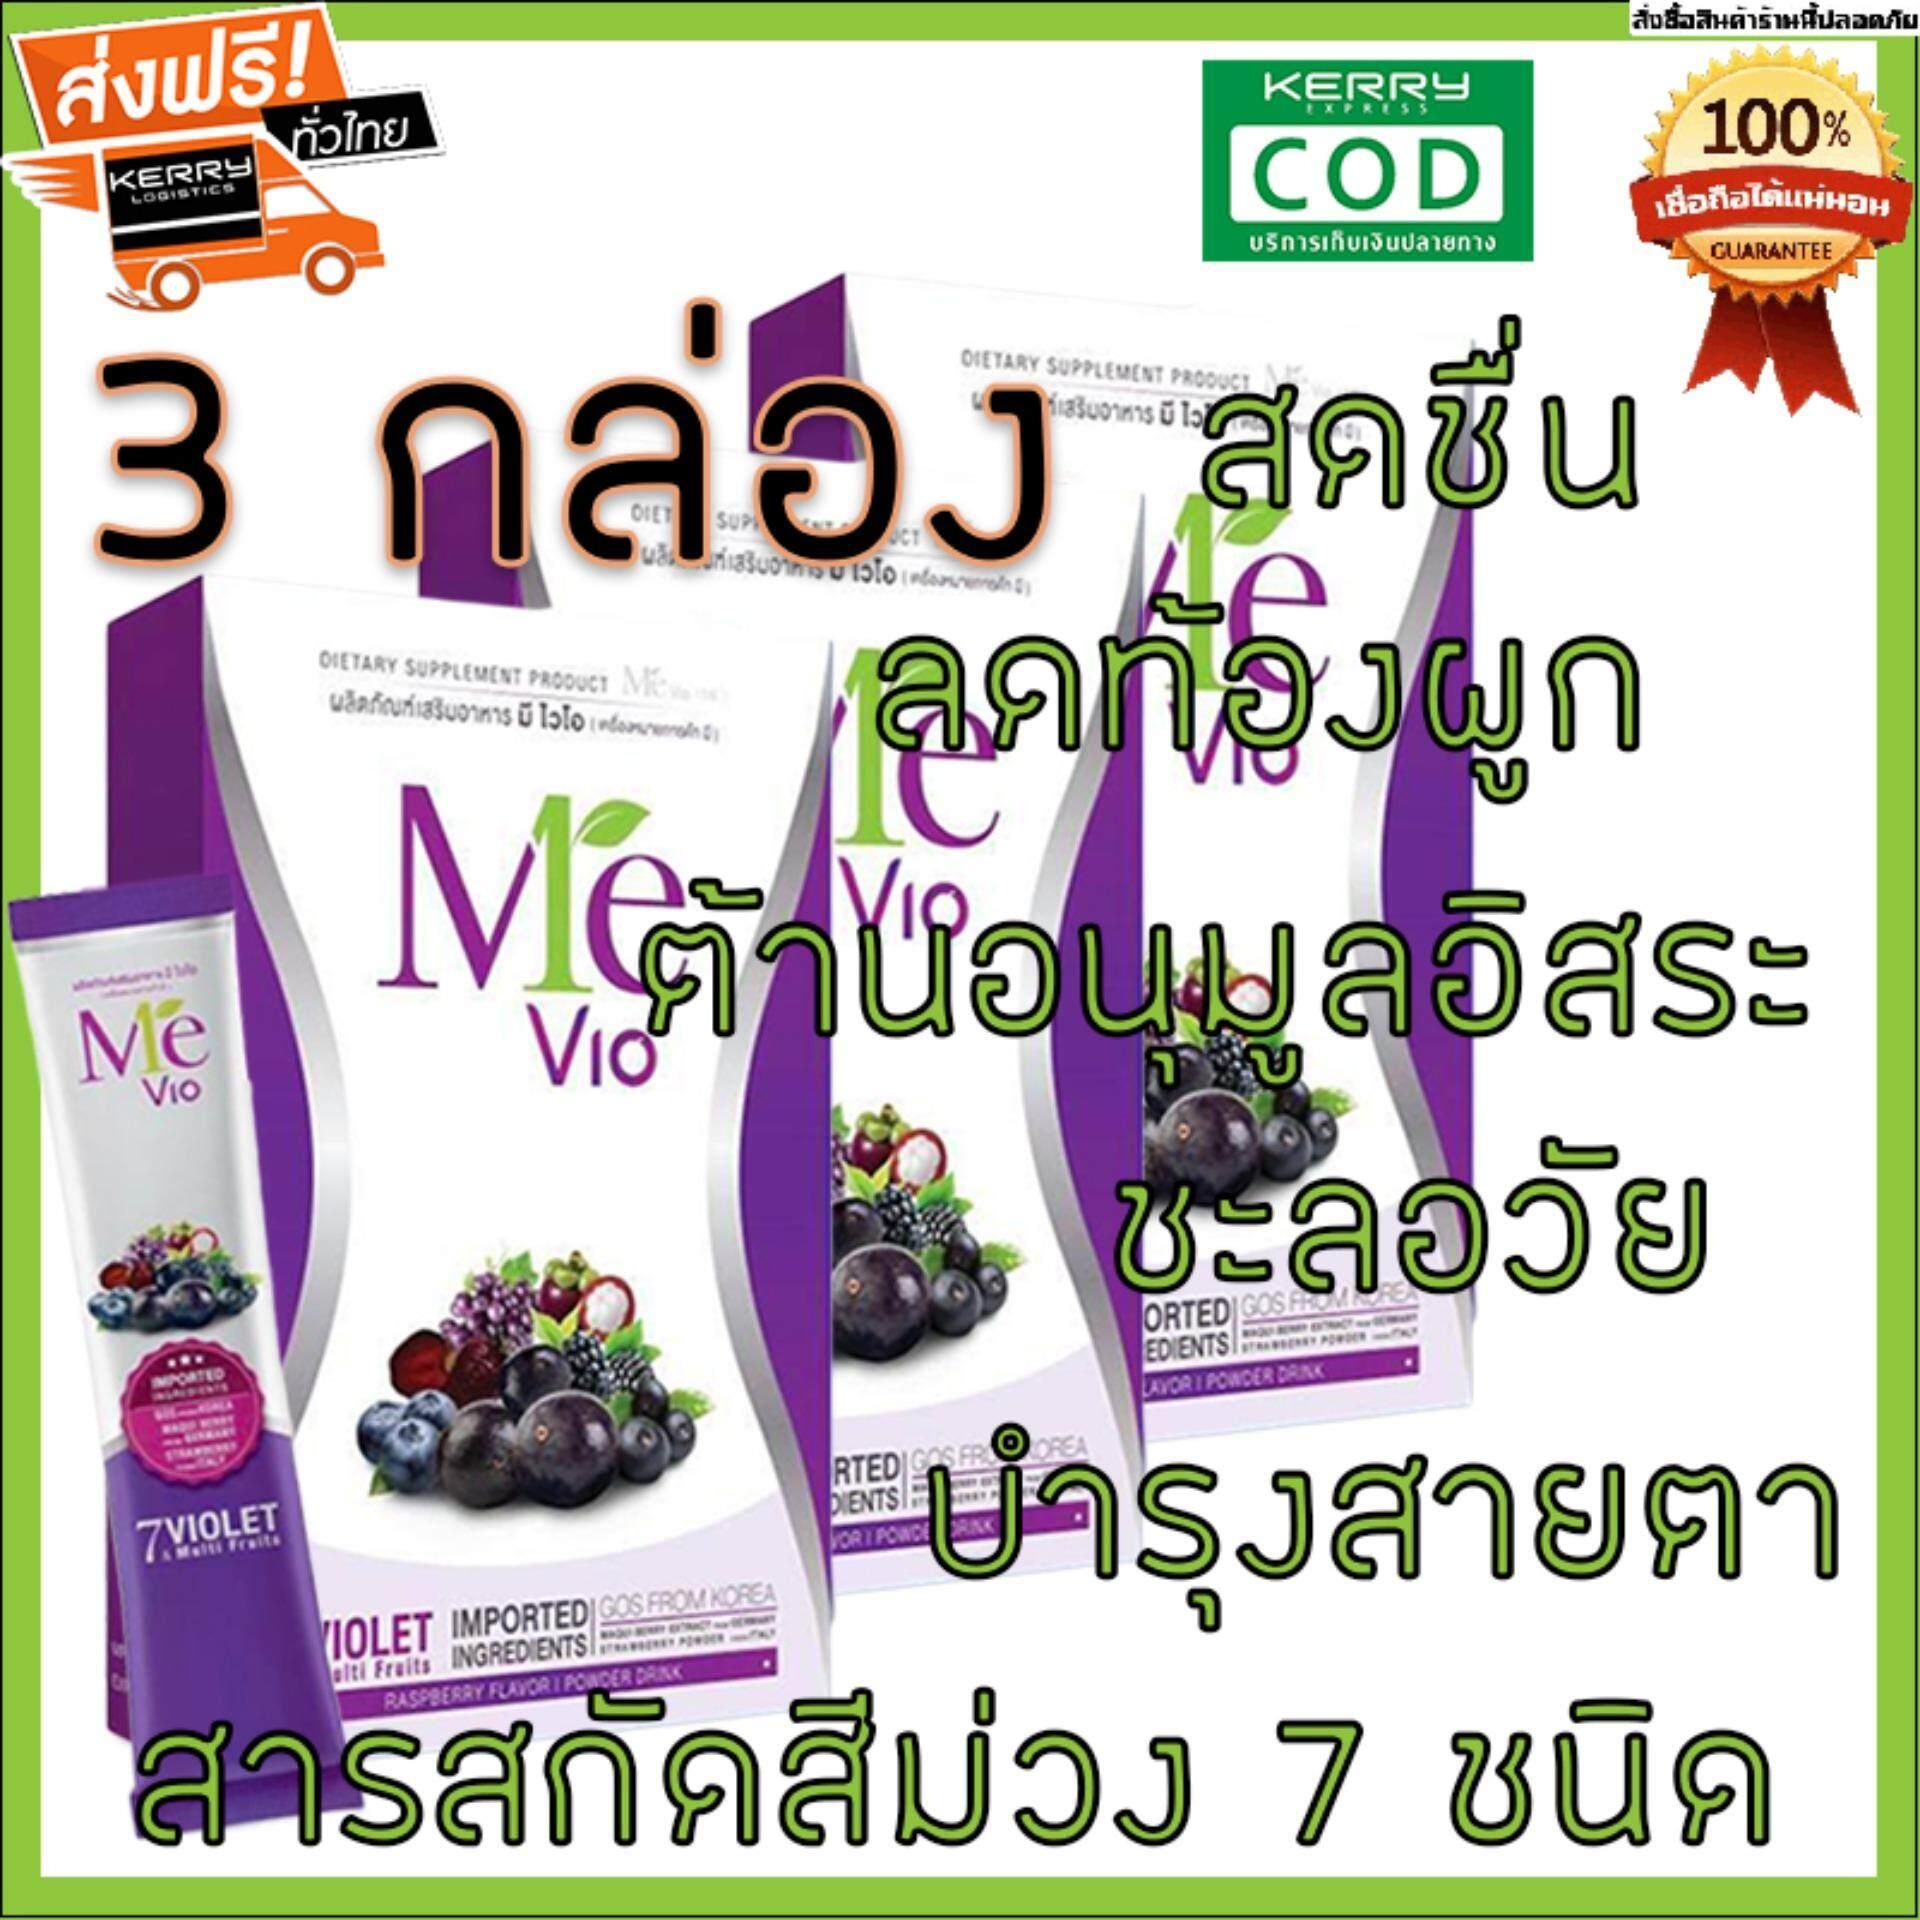 เก็บเงินปลายทางได้ (ส่งฟรี Kerry Express) จำนวน 3 กล่อง รับรองผล อาหารผิว ชะลอวัย ผิวขาว หน้าใส ลดสิว แก้ท้องผูก ต้านมะเร็ง ล้างสารพิษ ดีต่อสุขภาพ Mevio By Workpoint Me Vio มีไวโอ Detox + Antioxidant